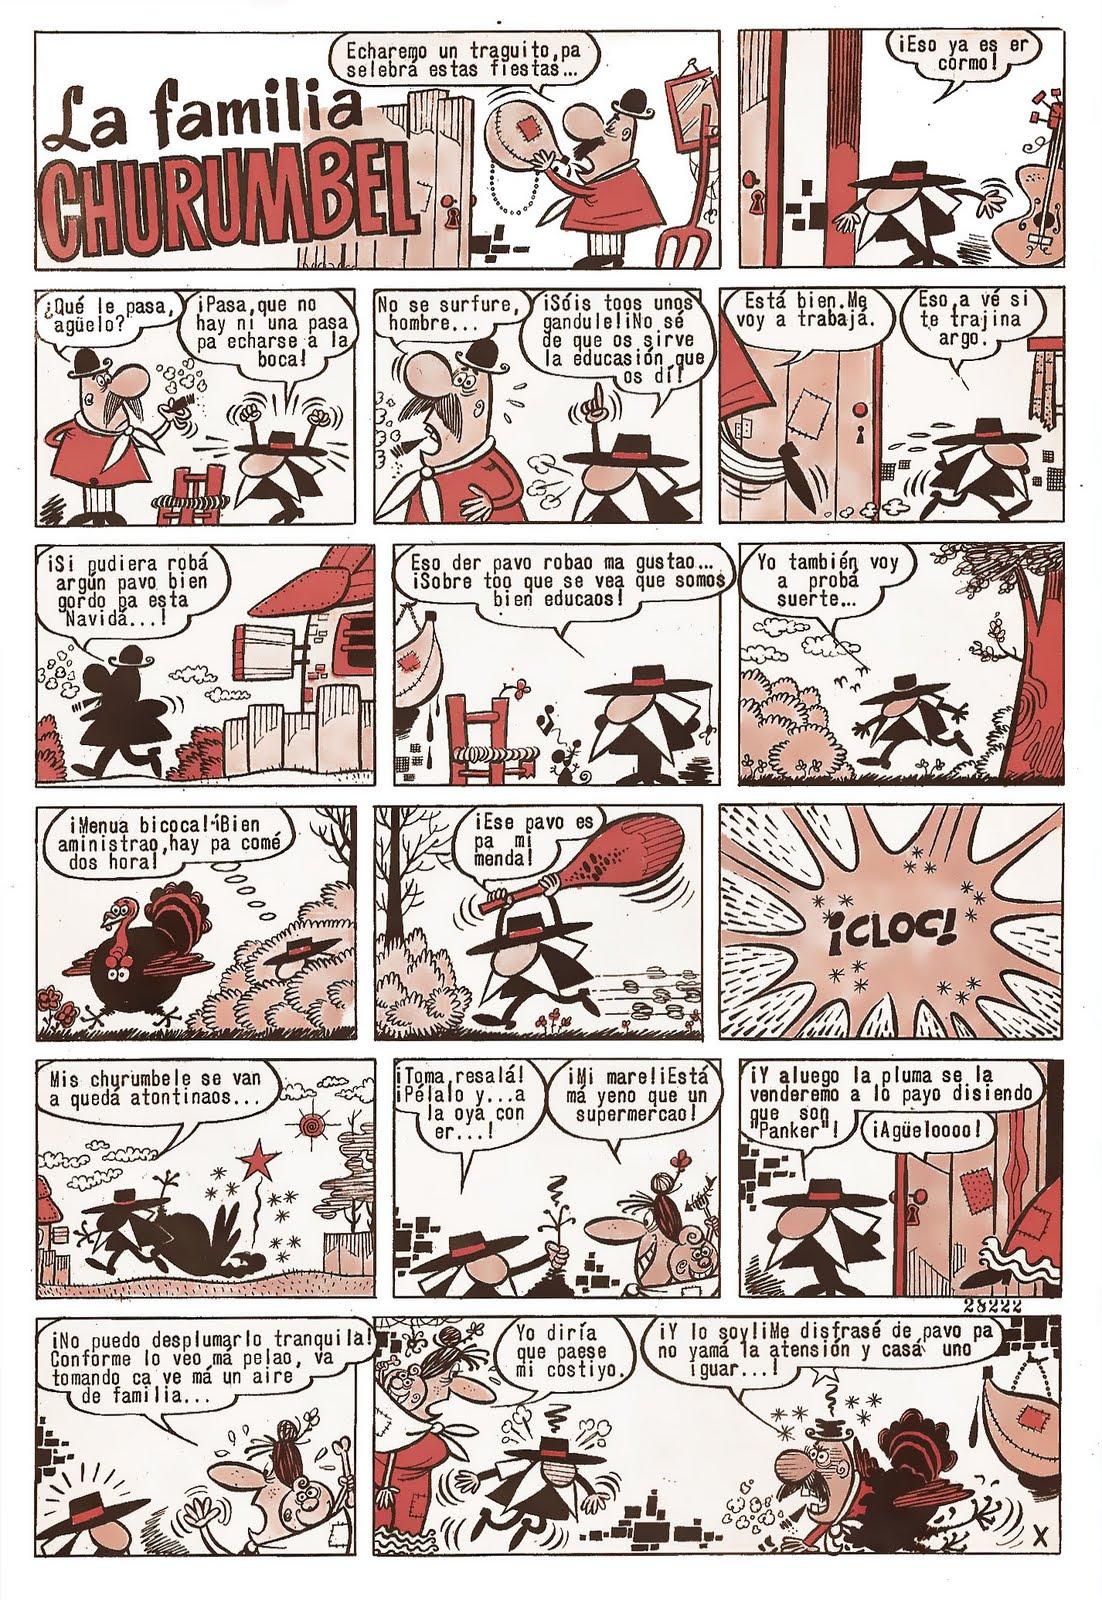 ¿Que harían con una ladrona? Fchurumbel+x+DDT+al+61